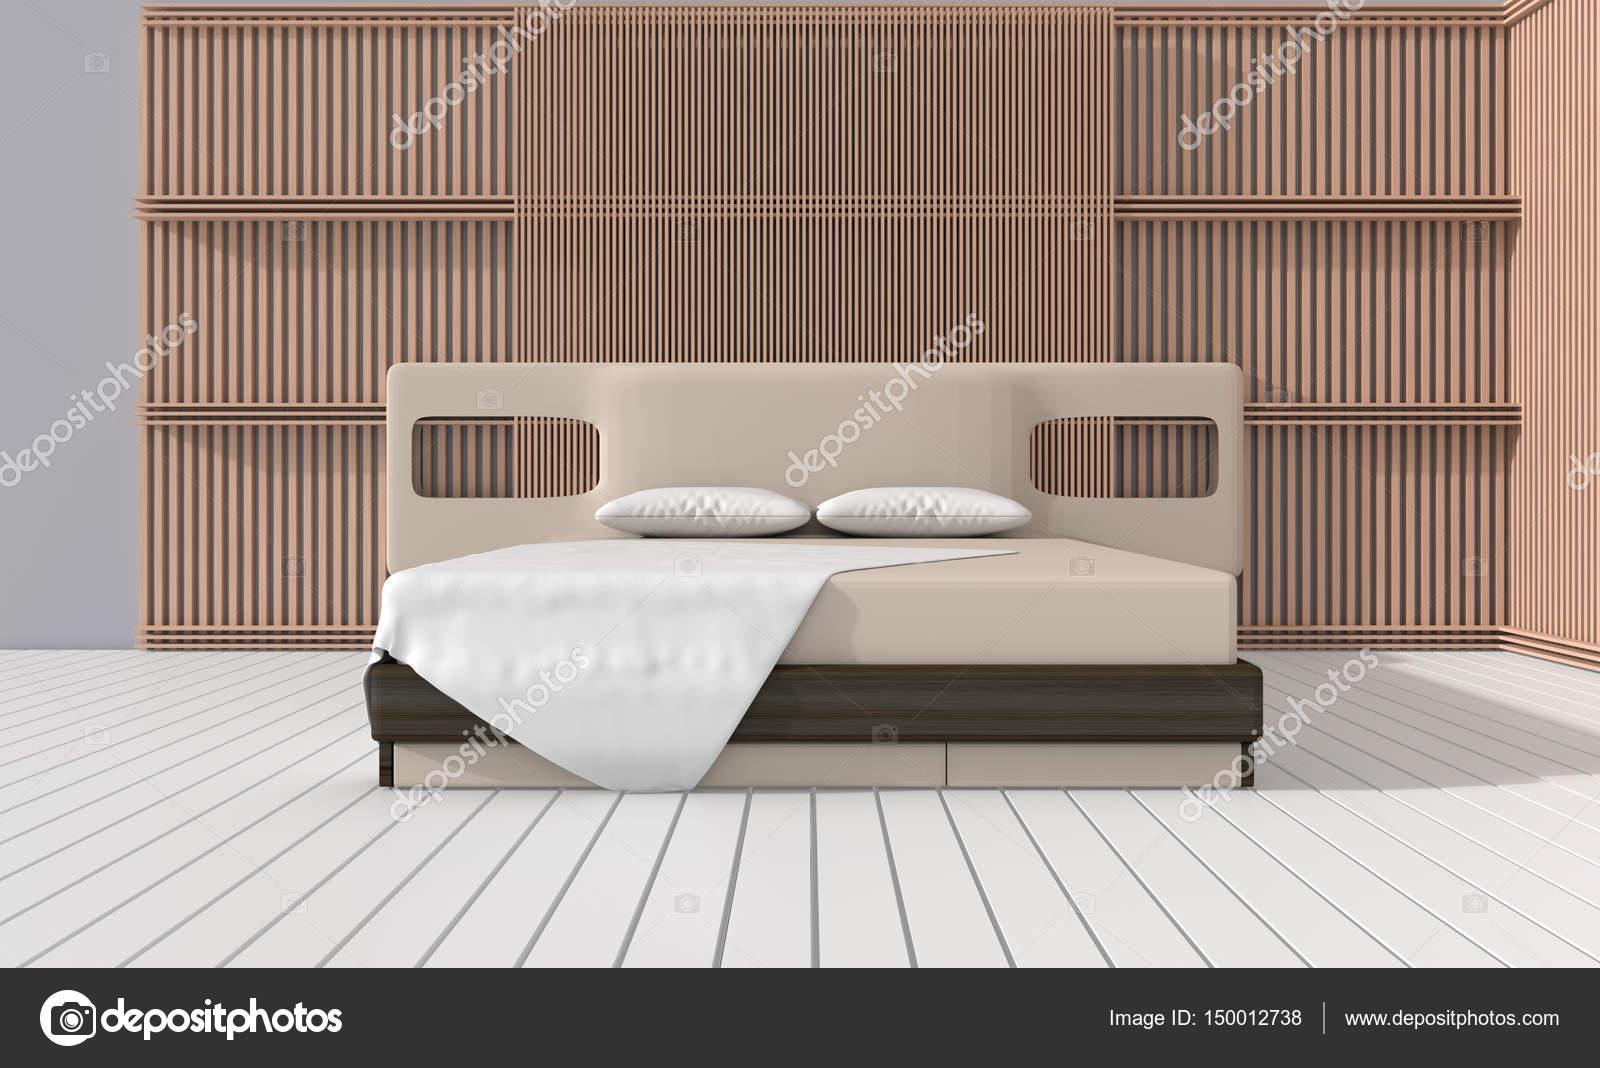 Schlafzimmer In Warmen Hellen Farben Dekorieren Sie Mit Lamelle